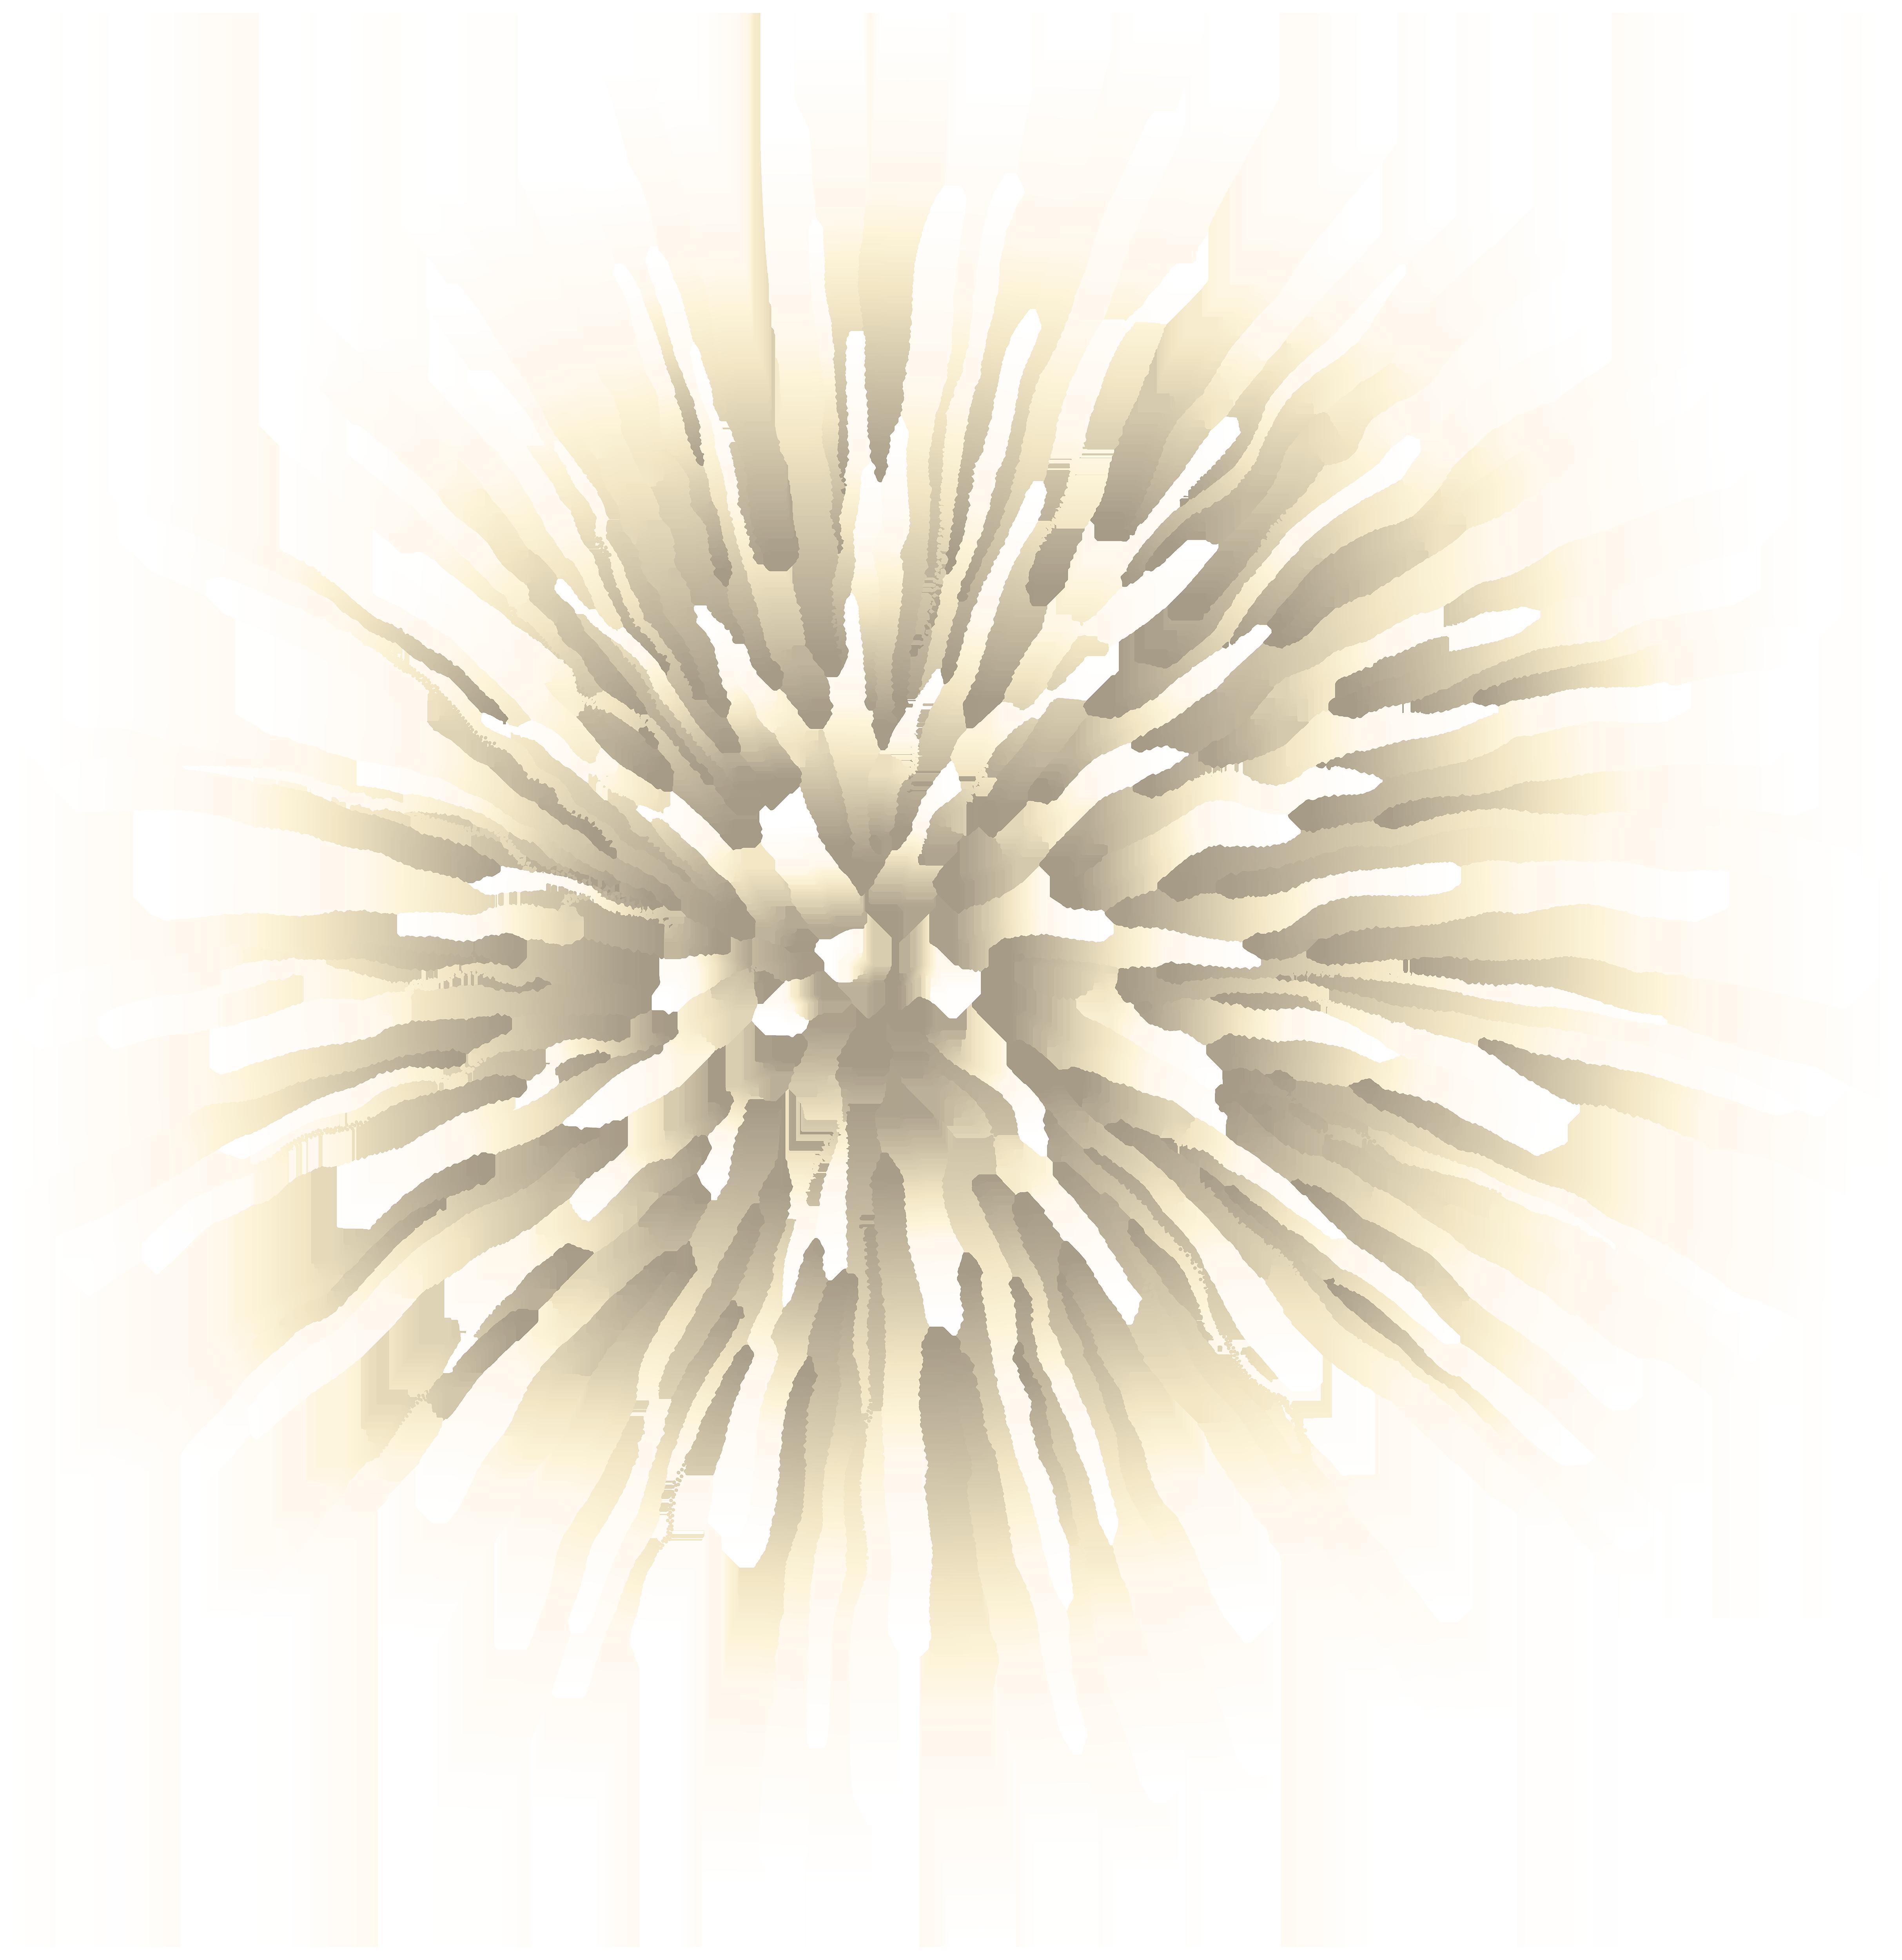 Bilde for beskrivelse av åpningskonsert (fyrverkeri)